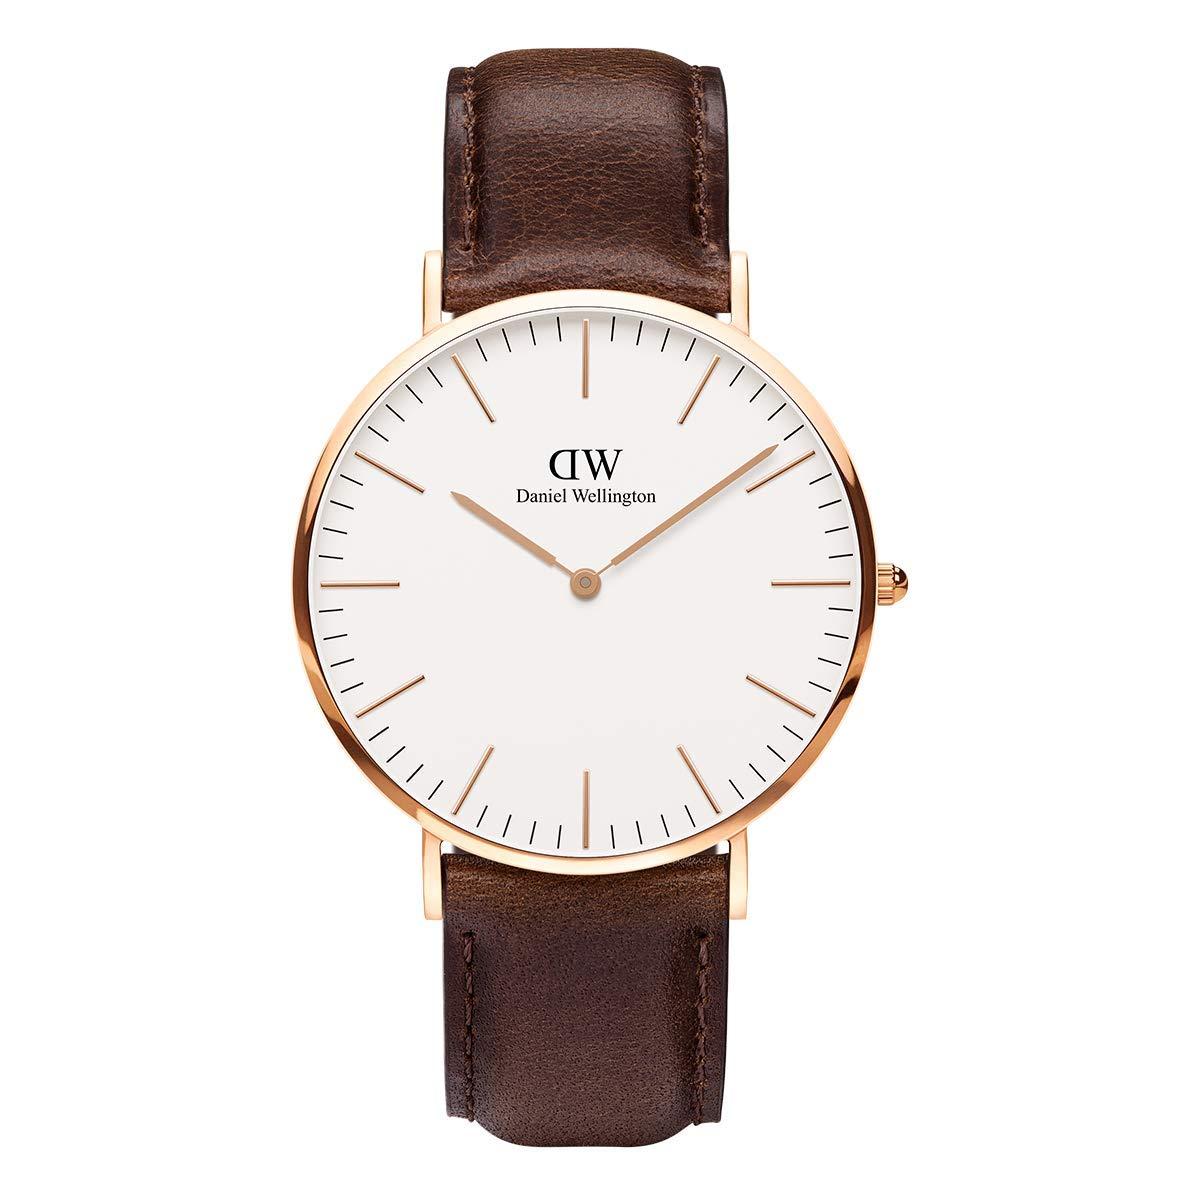 Daniel Wellington Trenduhren  Herren-Armbanduhr Analog Quarz Leder DW00100009